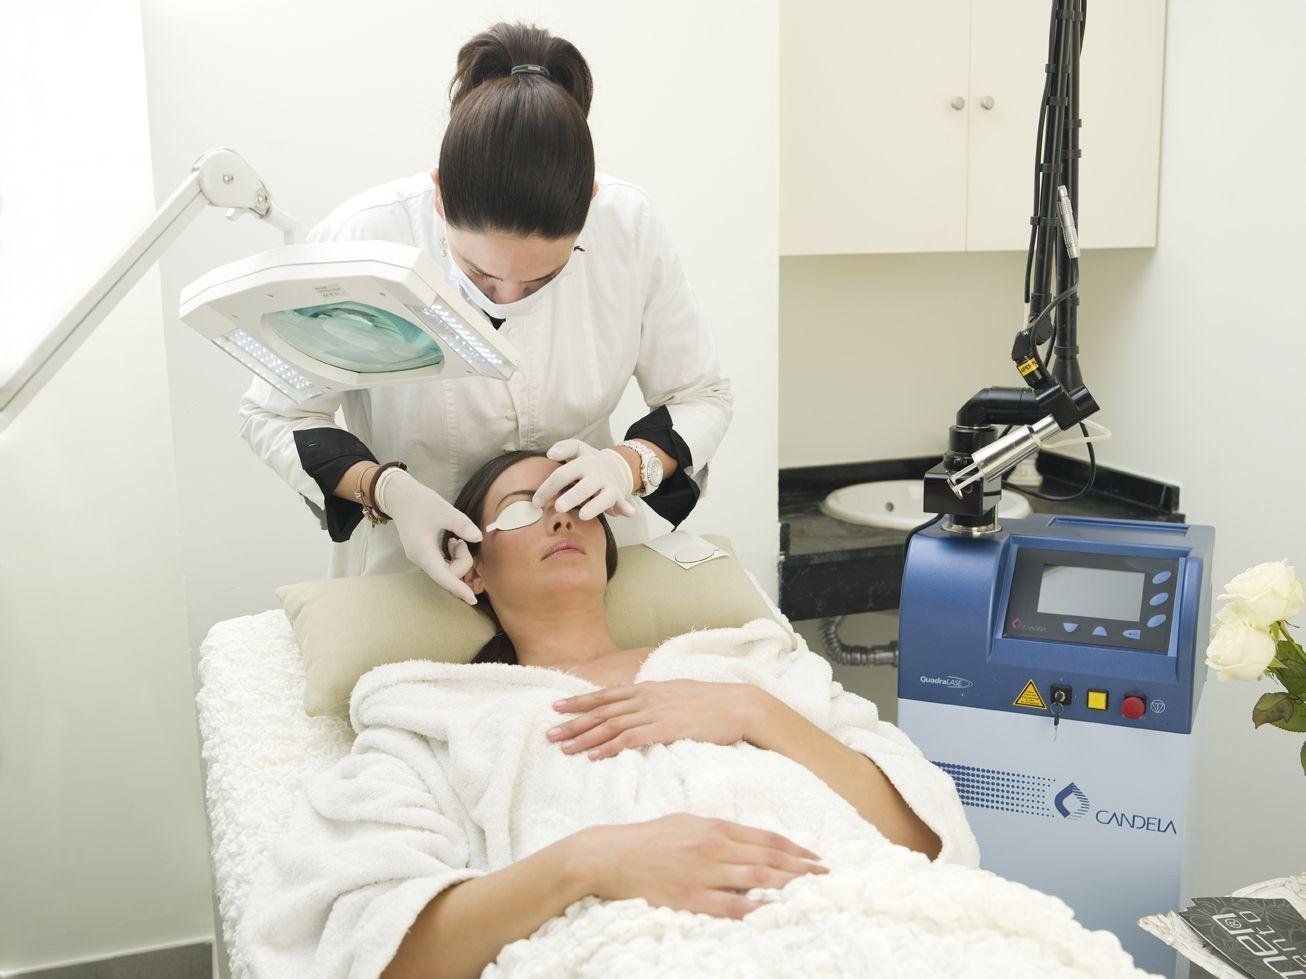 Clínicas para Clínica de Tratamento Facial em São Bernardo do Campo - Tratamentos Faciais em São Bernardo do Campo